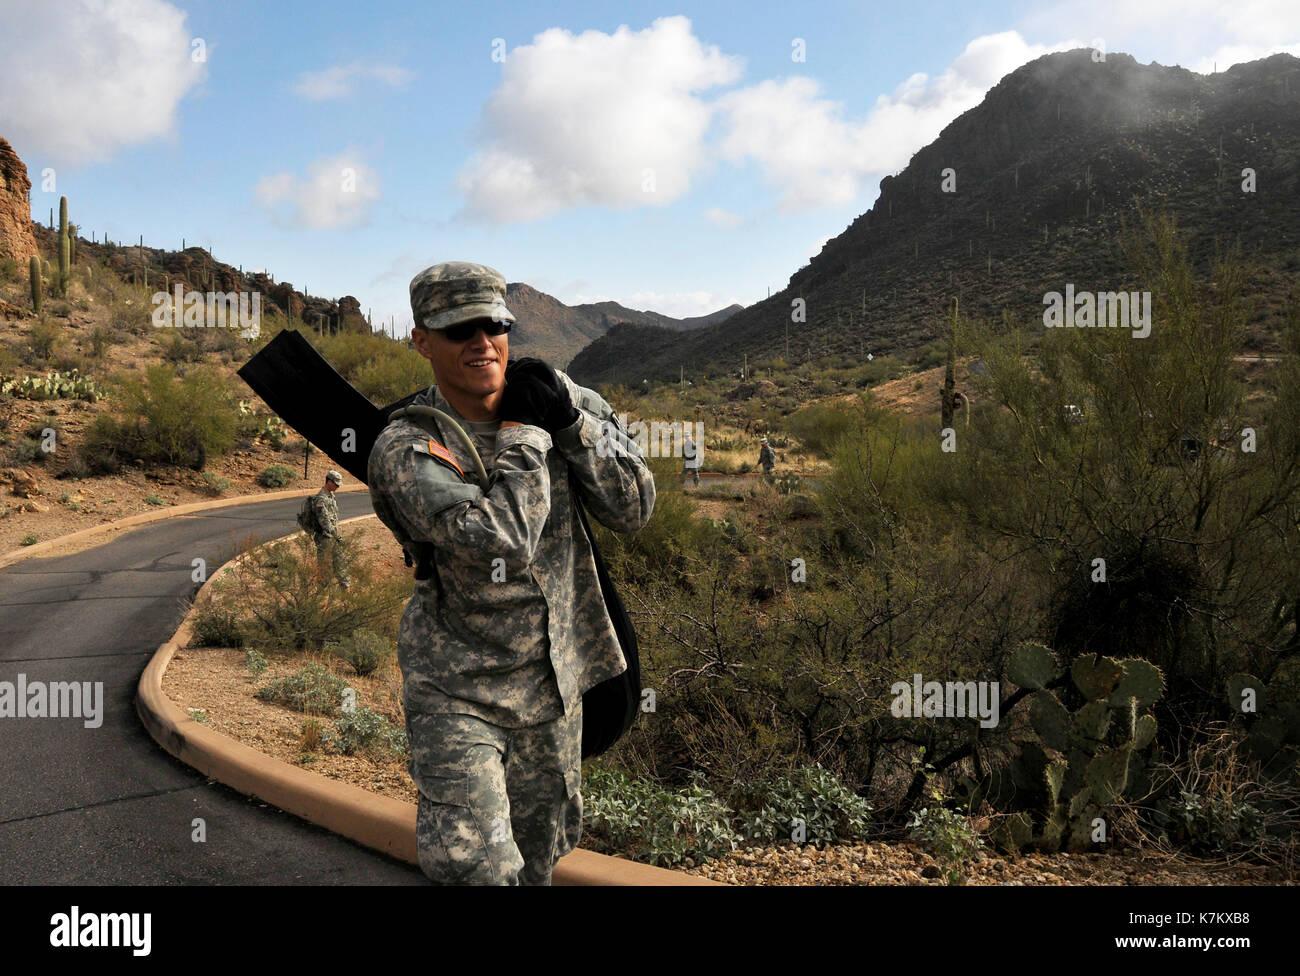 Armed Security Guard Hawaii